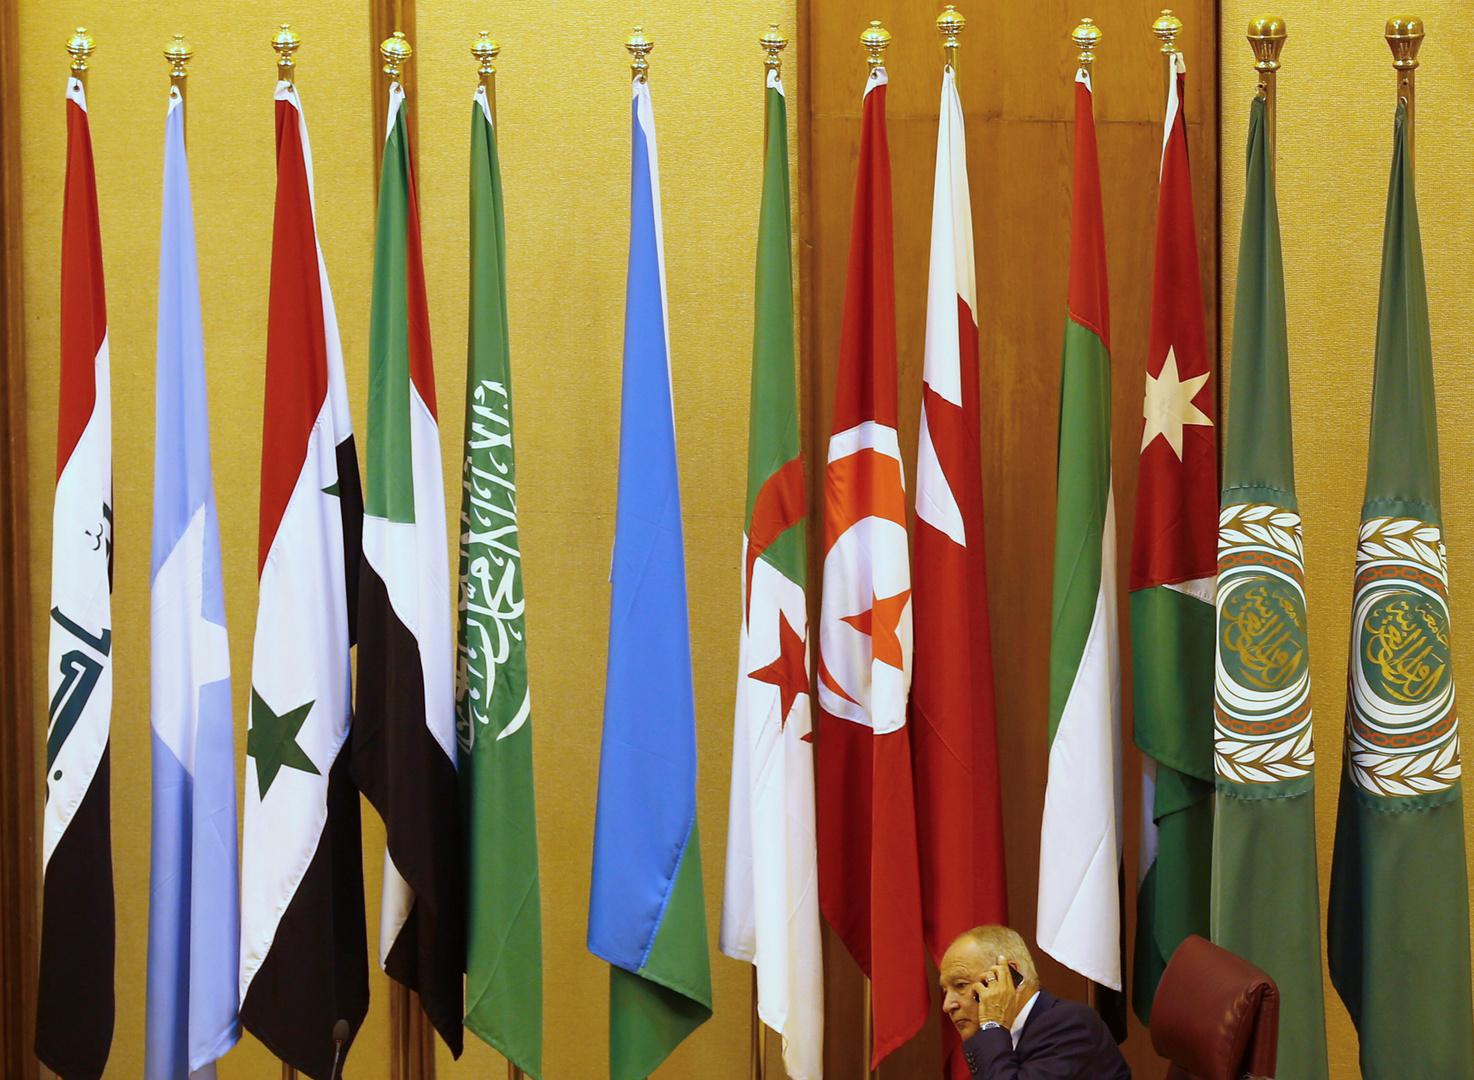 وزير الخارجية الفلسطيني يبحث مع نظيره الأردني نتائج اجتماع الجامعة العربية حول القضية الفلسطينية